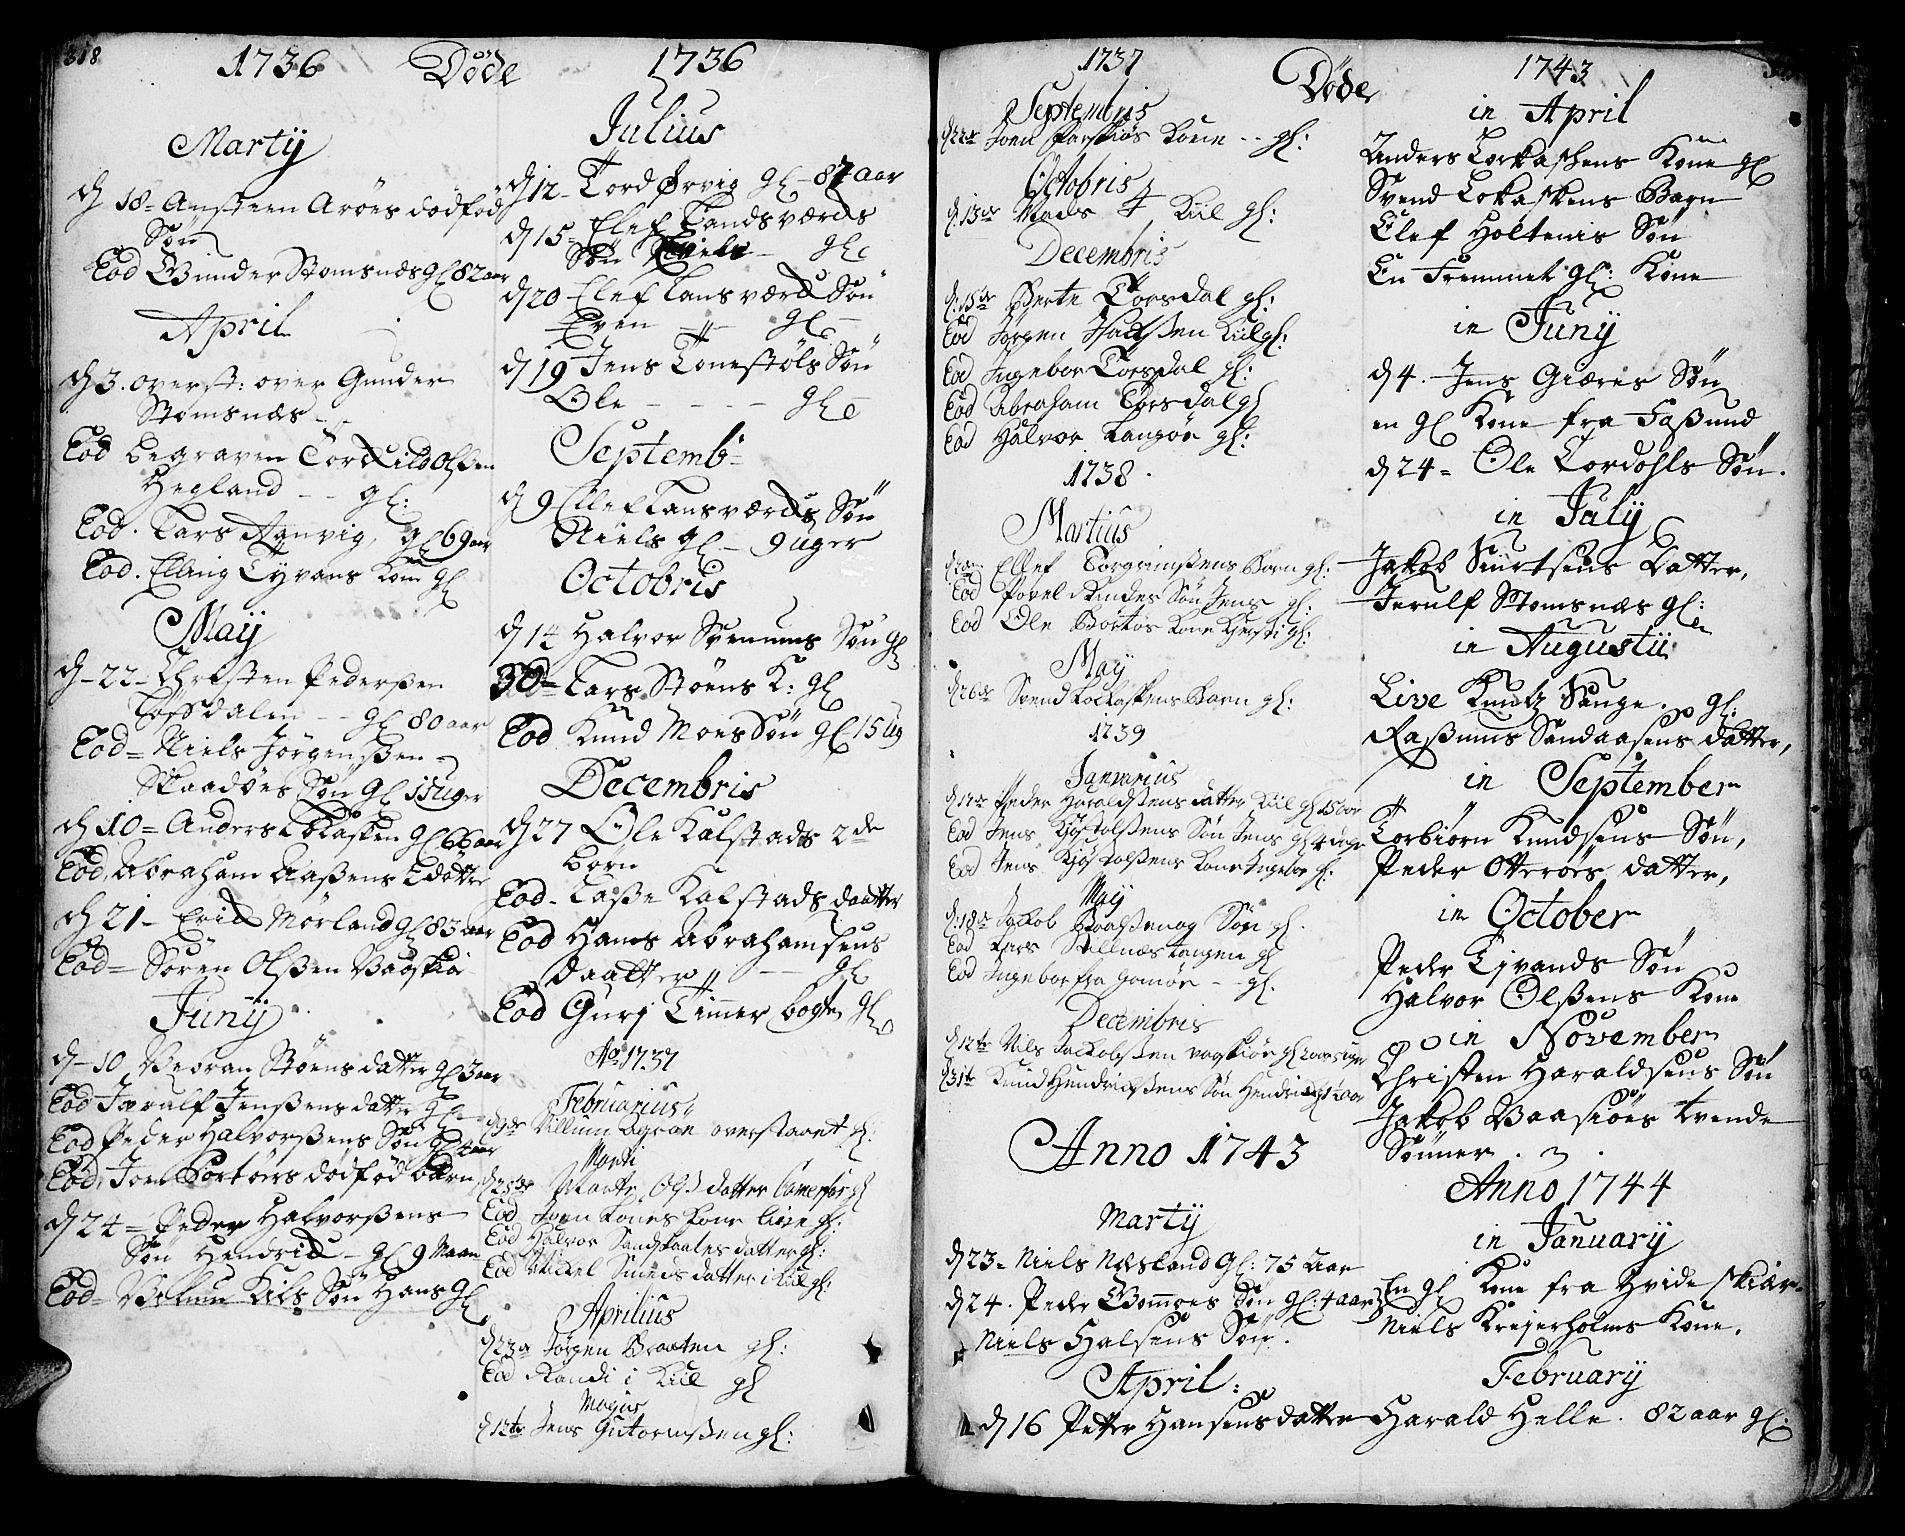 SAKO, Sannidal kirkebøker, F/Fa/L0001: Ministerialbok nr. 1, 1702-1766, s. 318-319